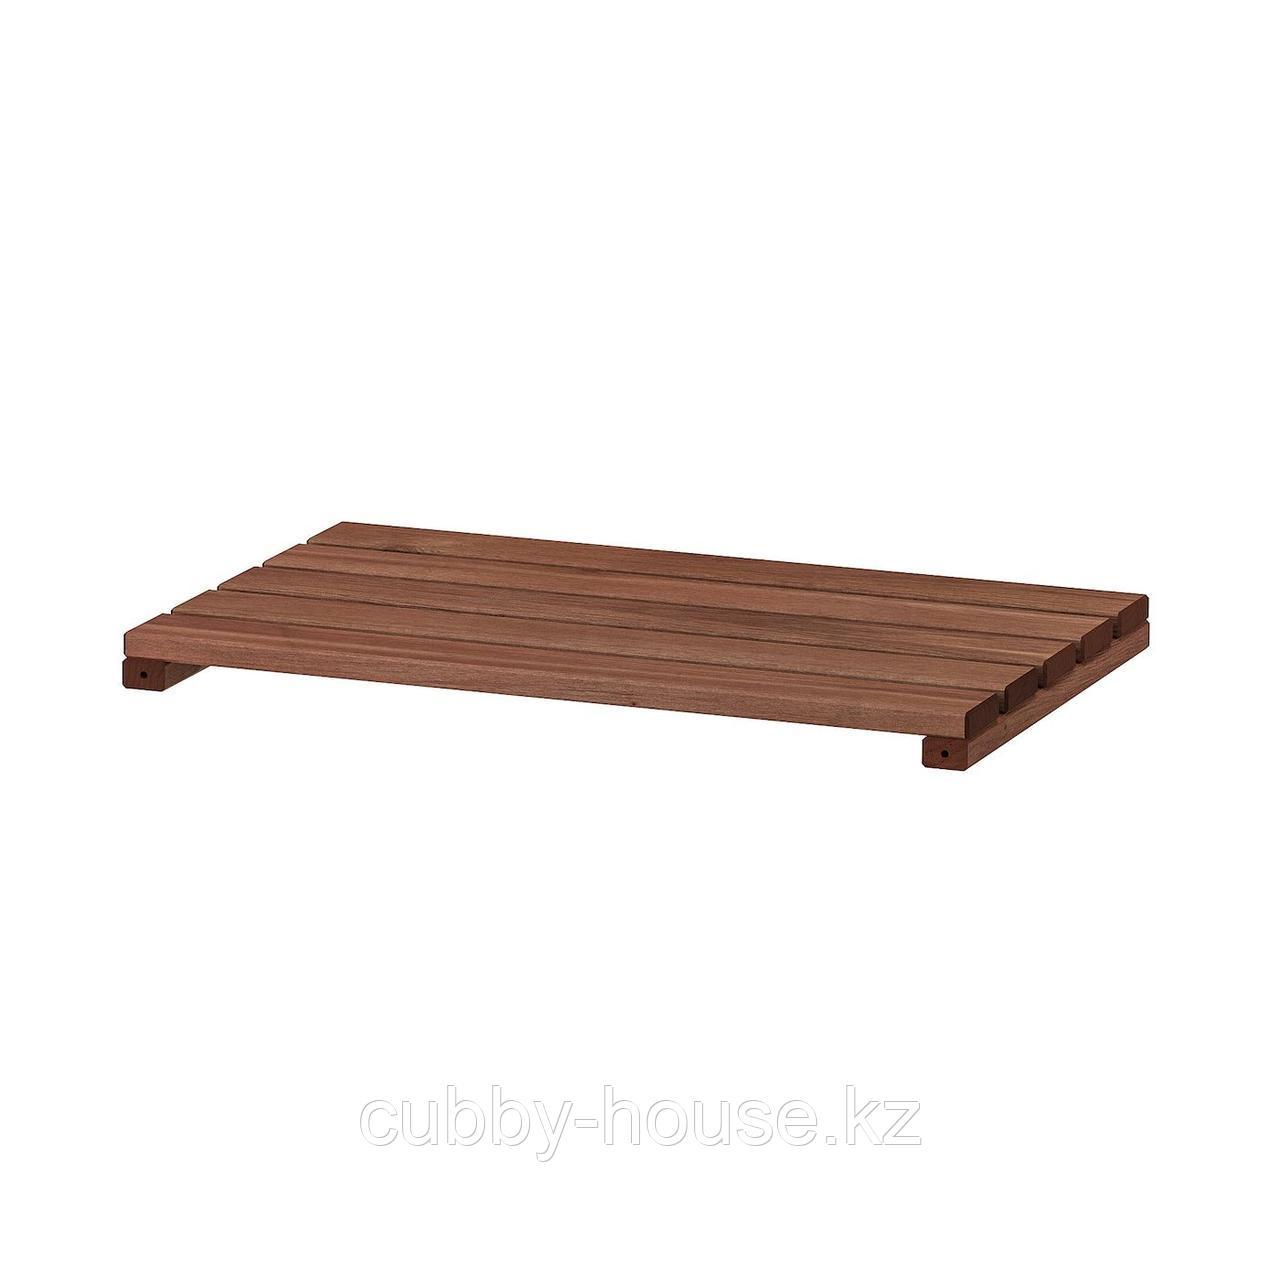 ТУРД Полка для садового стеллажа, коричневая морилка, 50x32 см